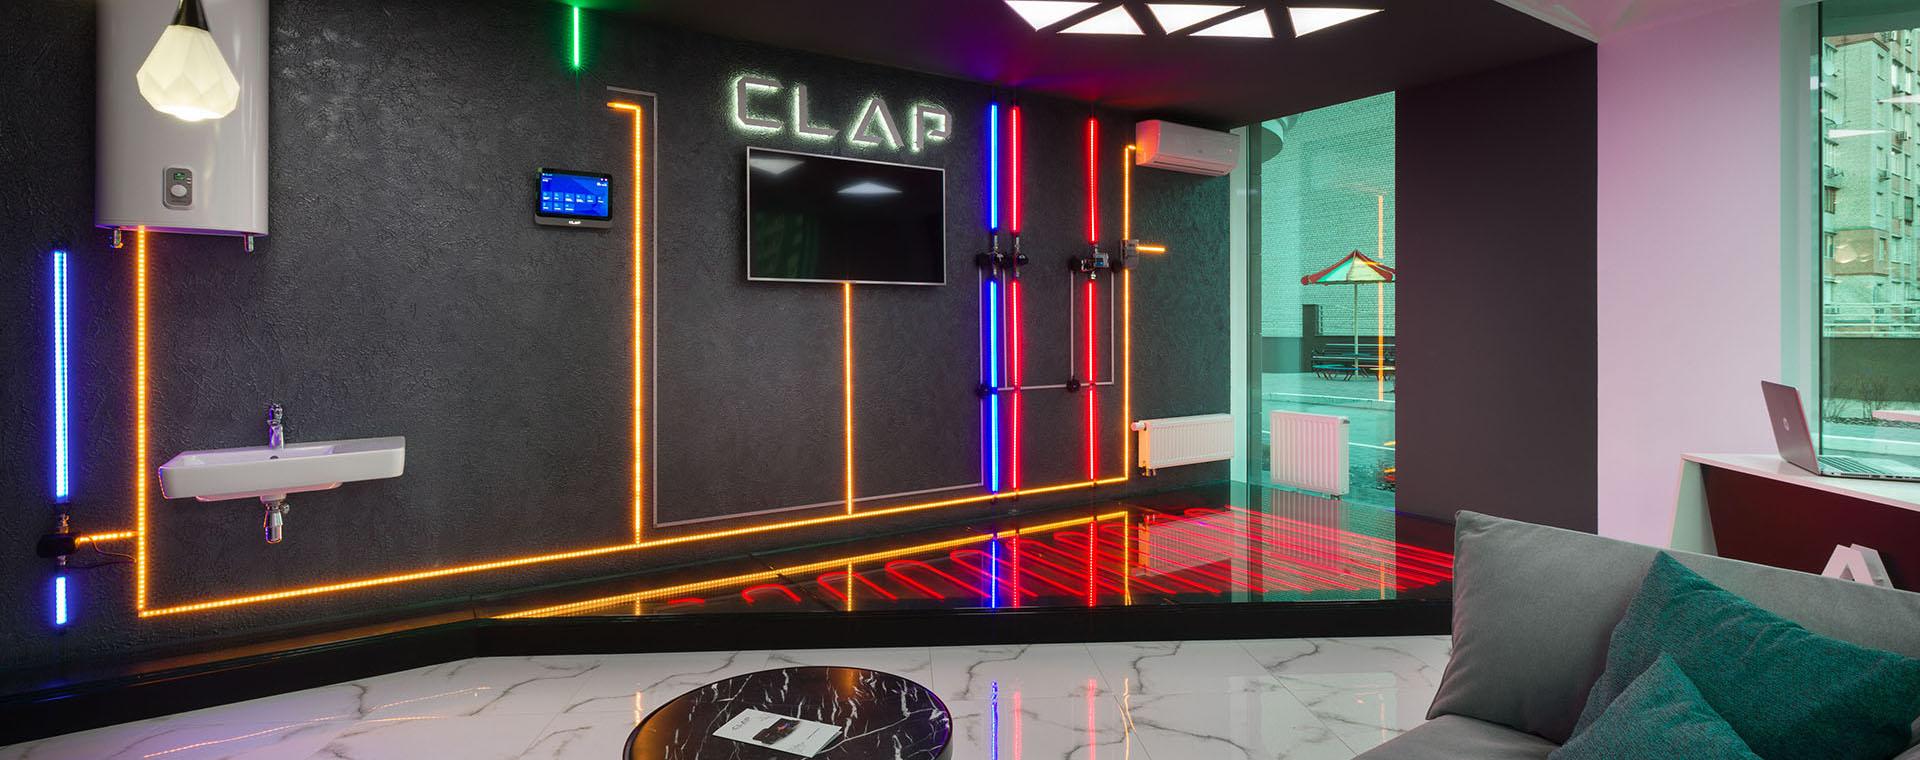 Clap флагманський шоу-рум